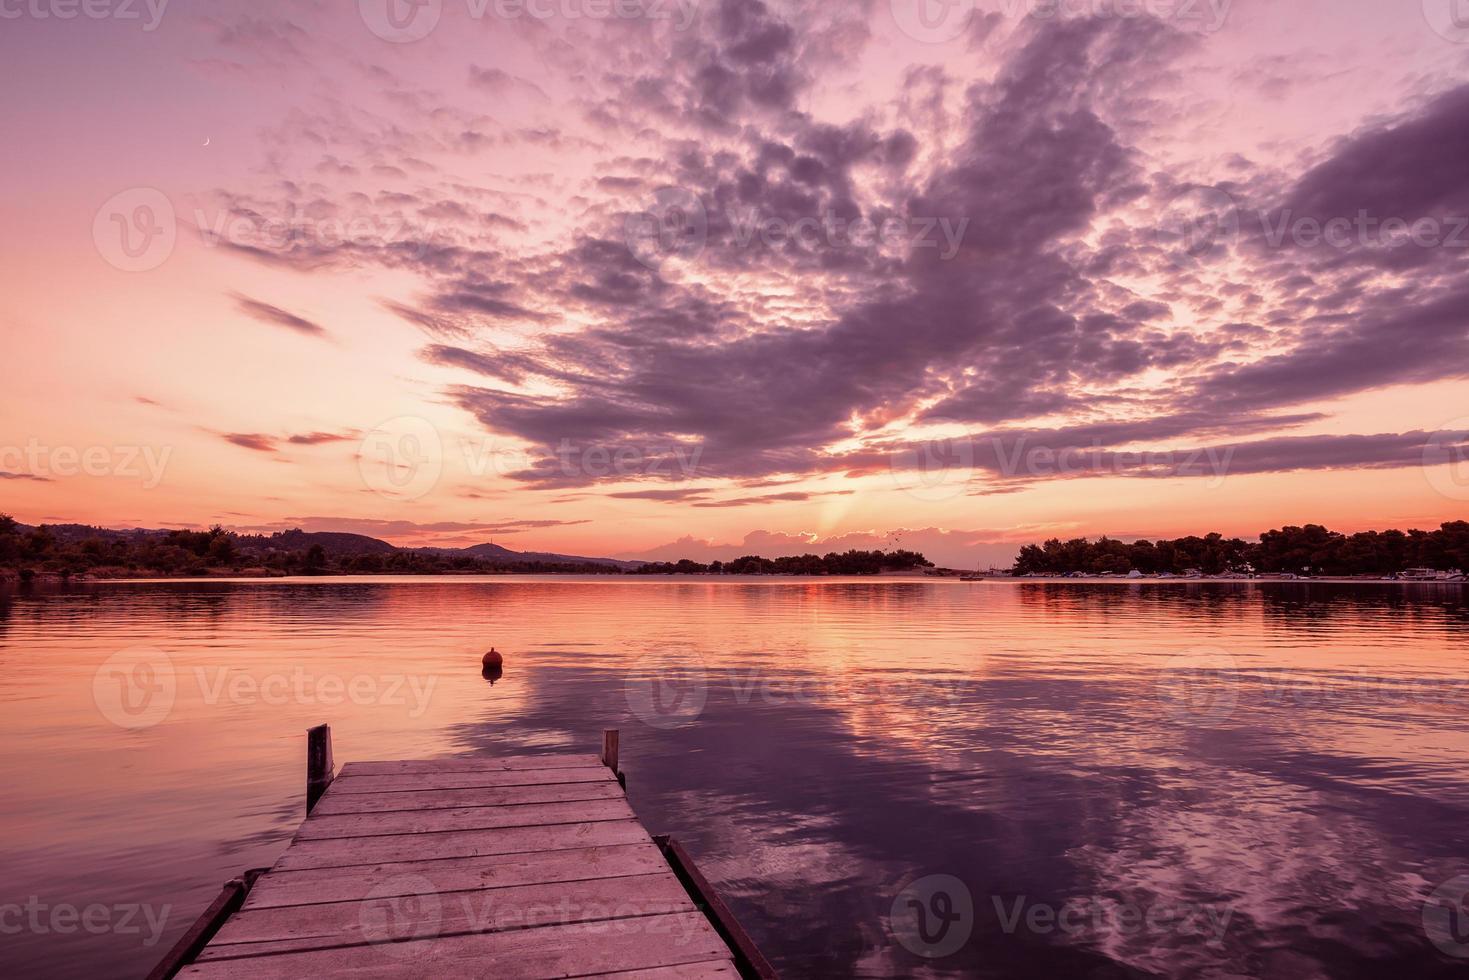 coucher de soleil sur le port de plaisance. port de plaisance au coucher du soleil, péninsule de kassandra, halkidiki, grèce. photo